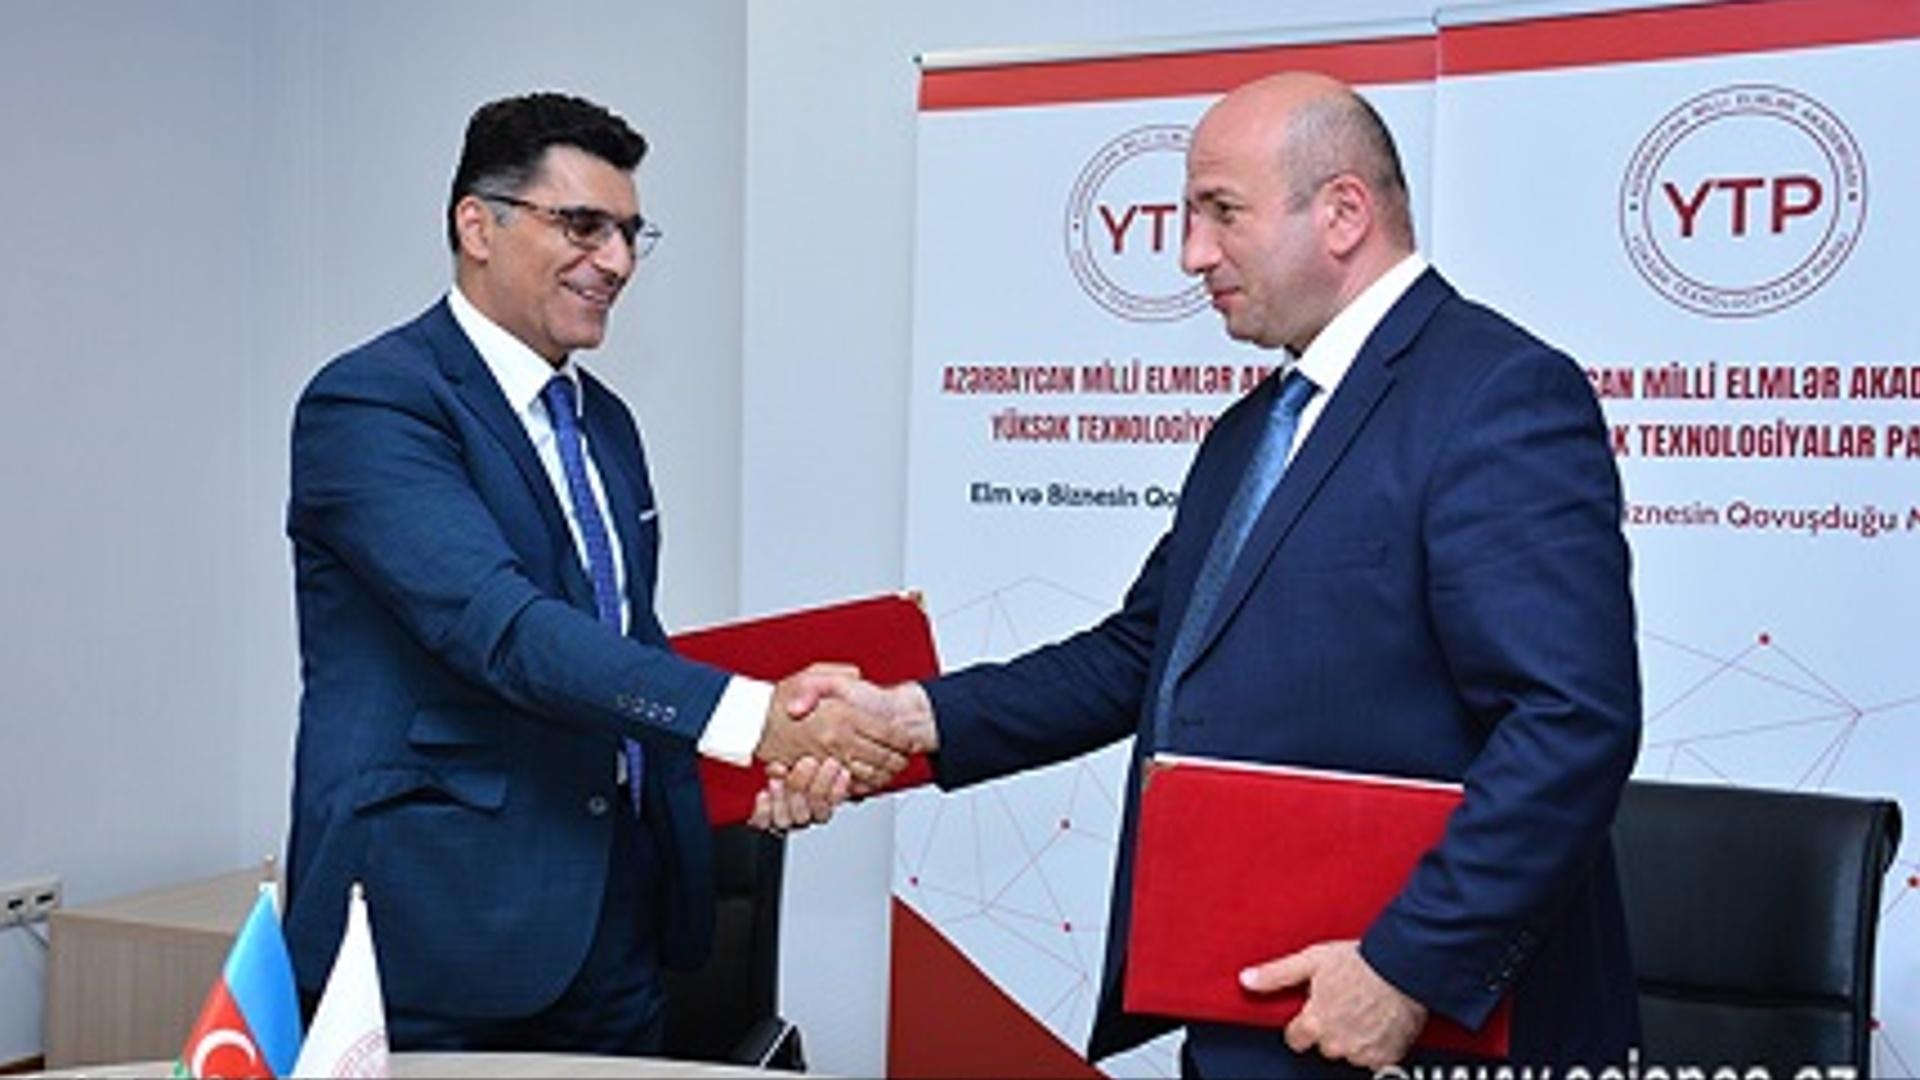 """Yüksək Texnologiyalar Parkı və """"EPC Group"""" MMC arasında əməkdaşlığa dair saziş imzalanıb"""